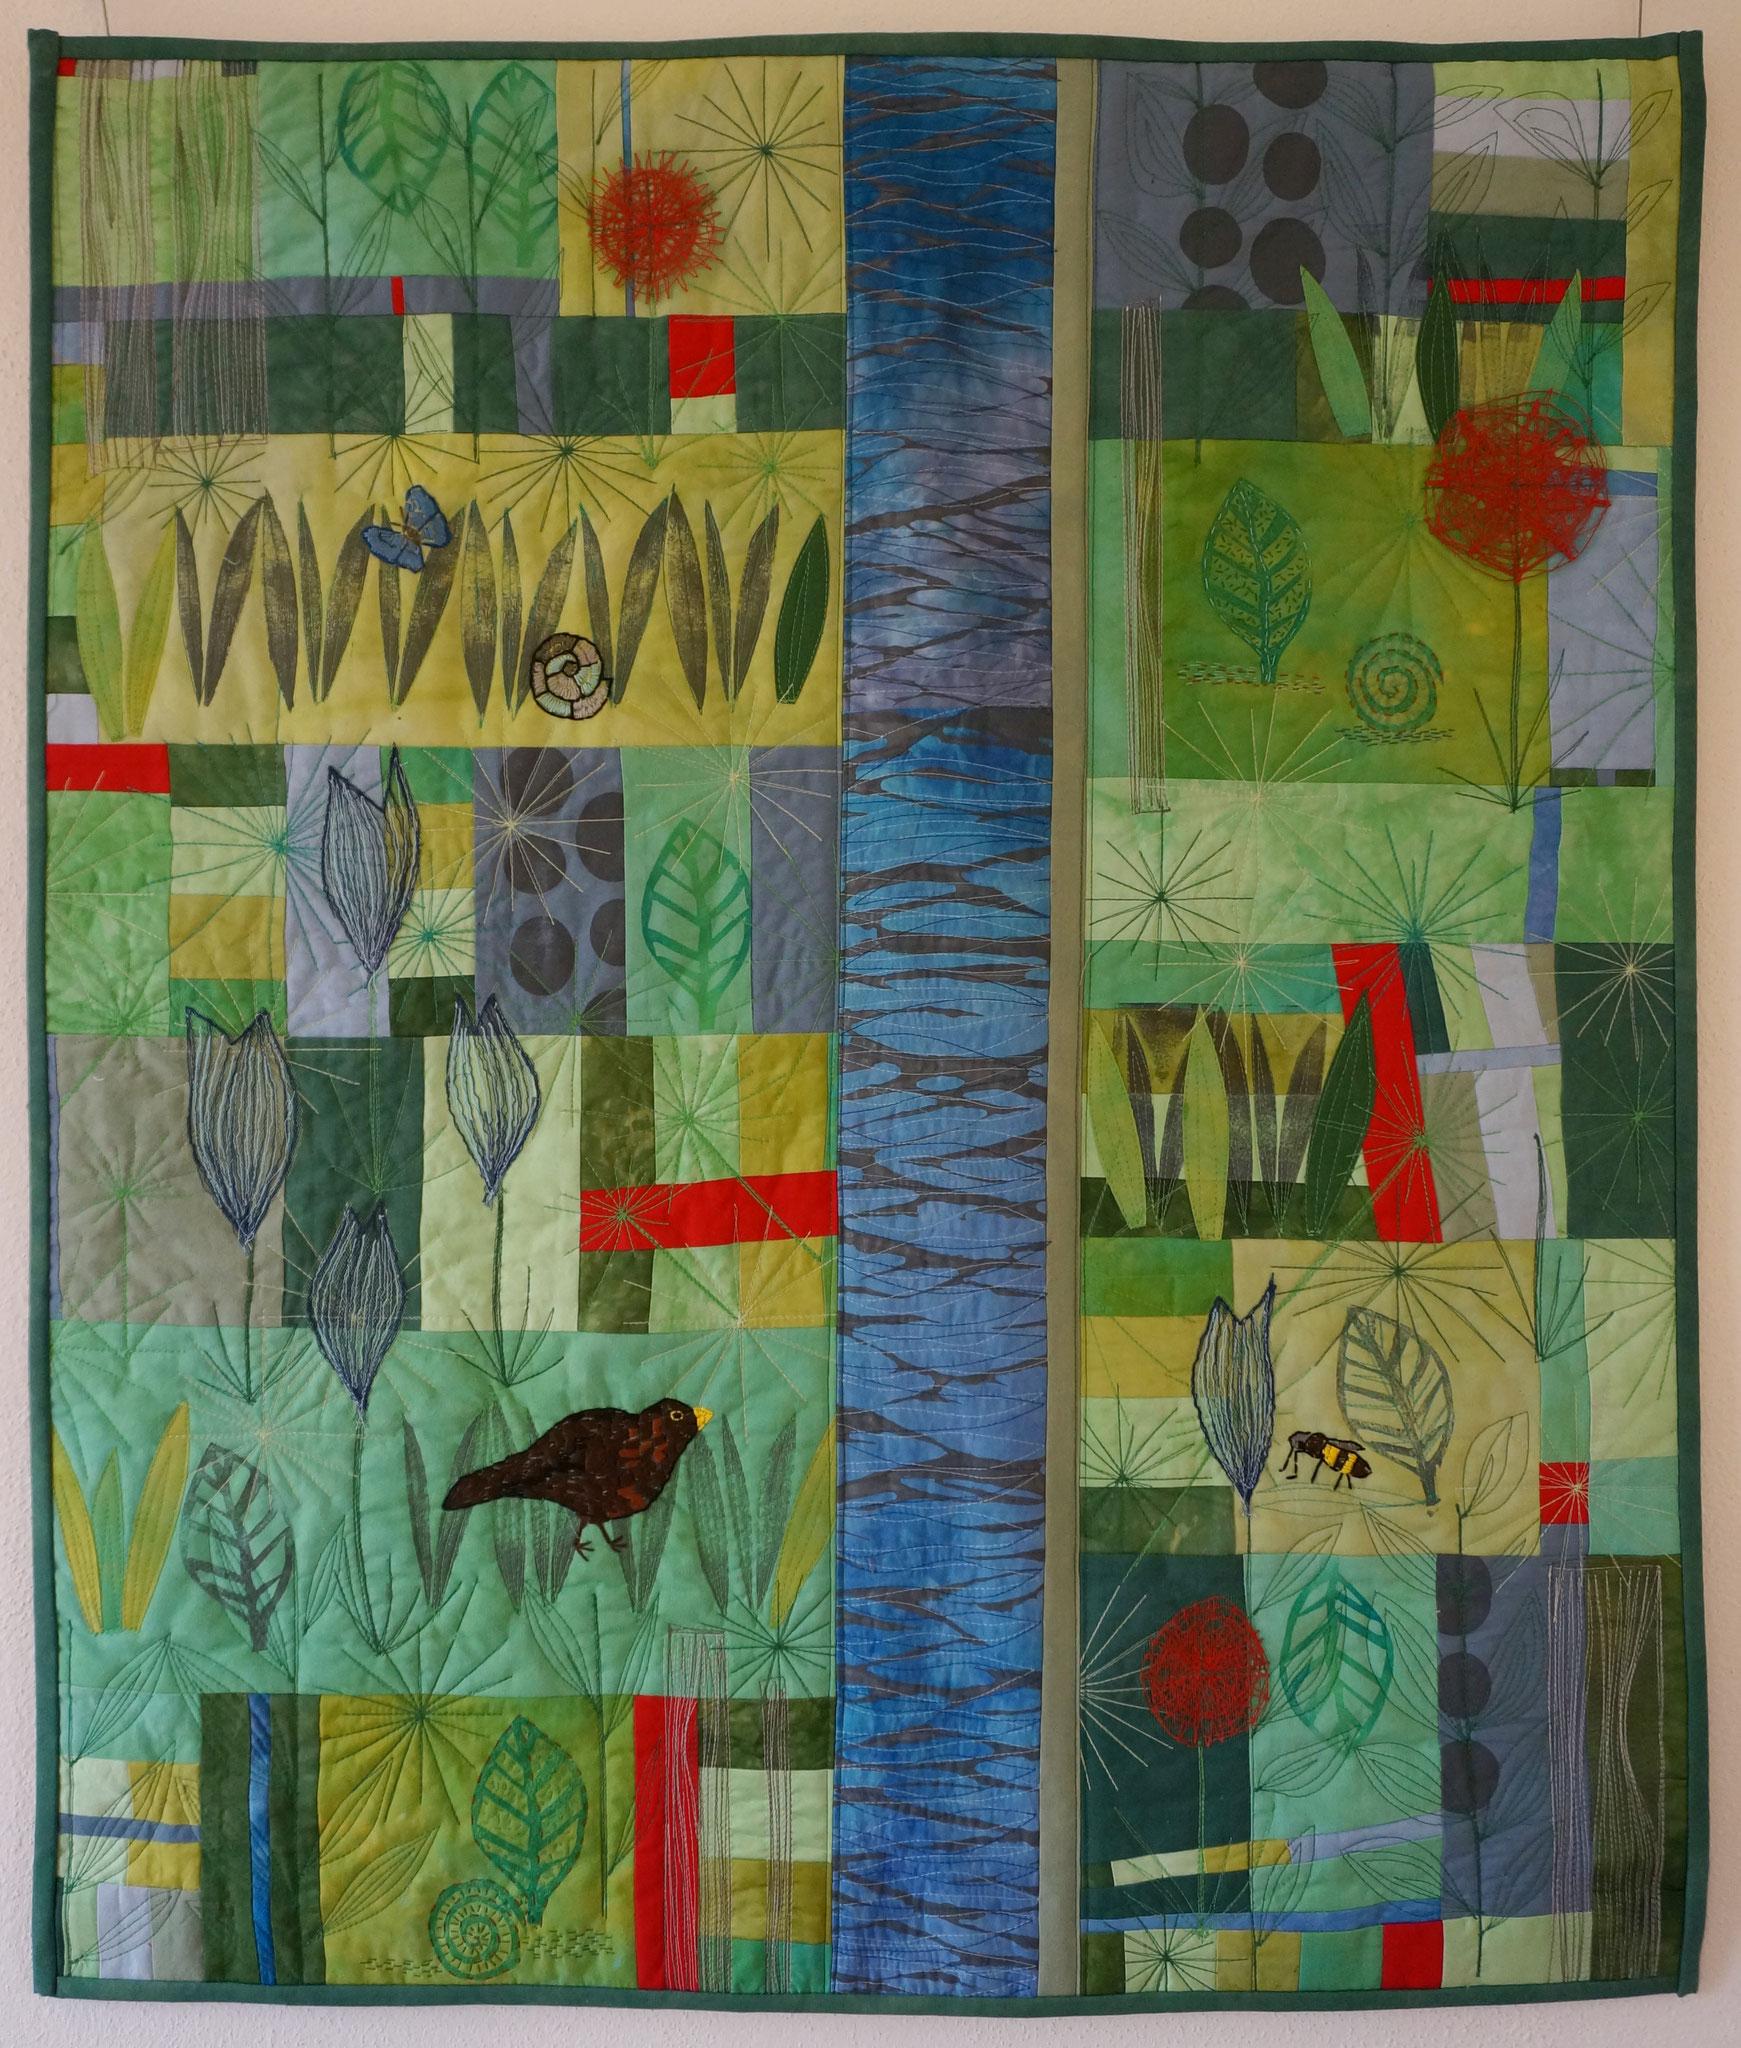 Garten - 86 x 73 cm